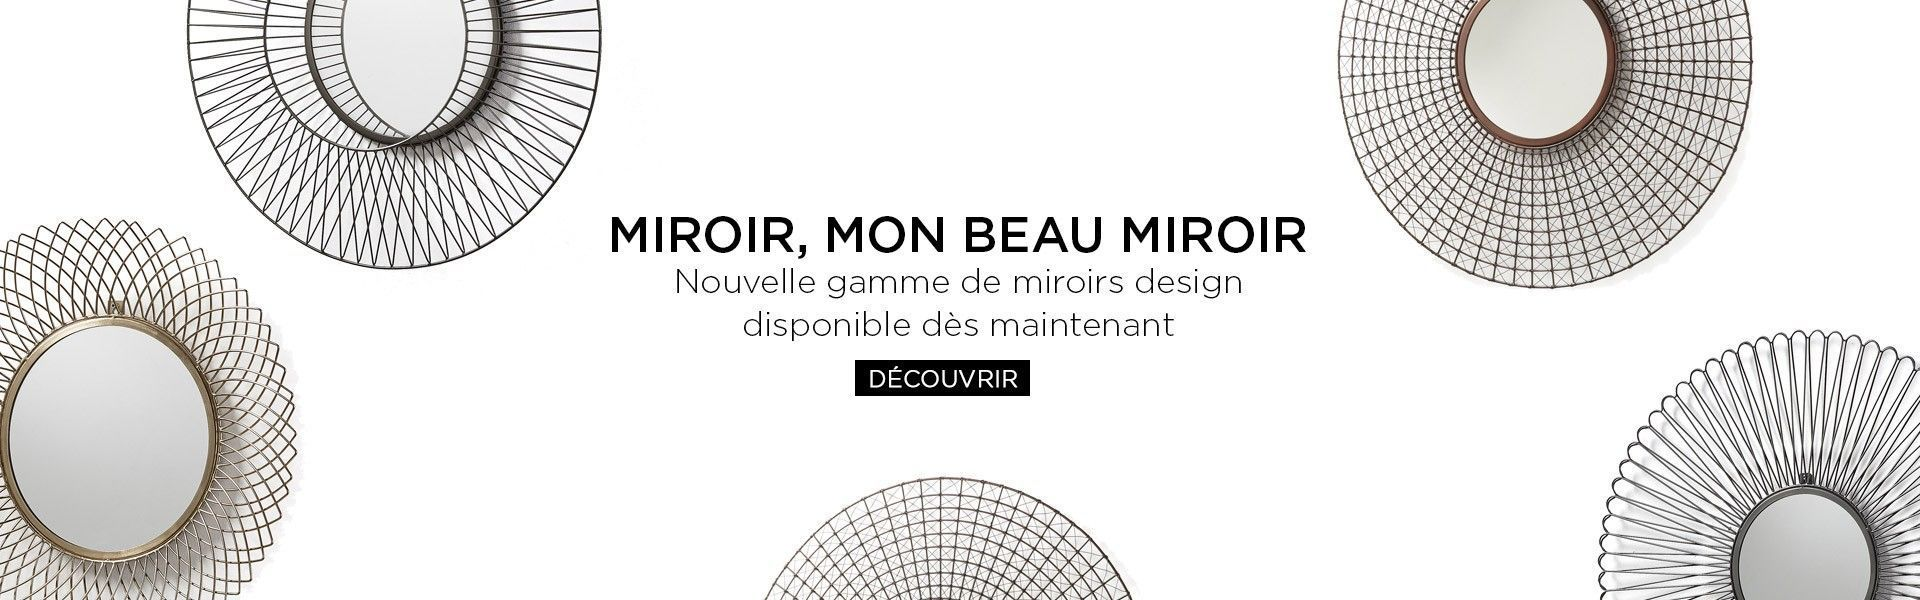 gamme de miroir